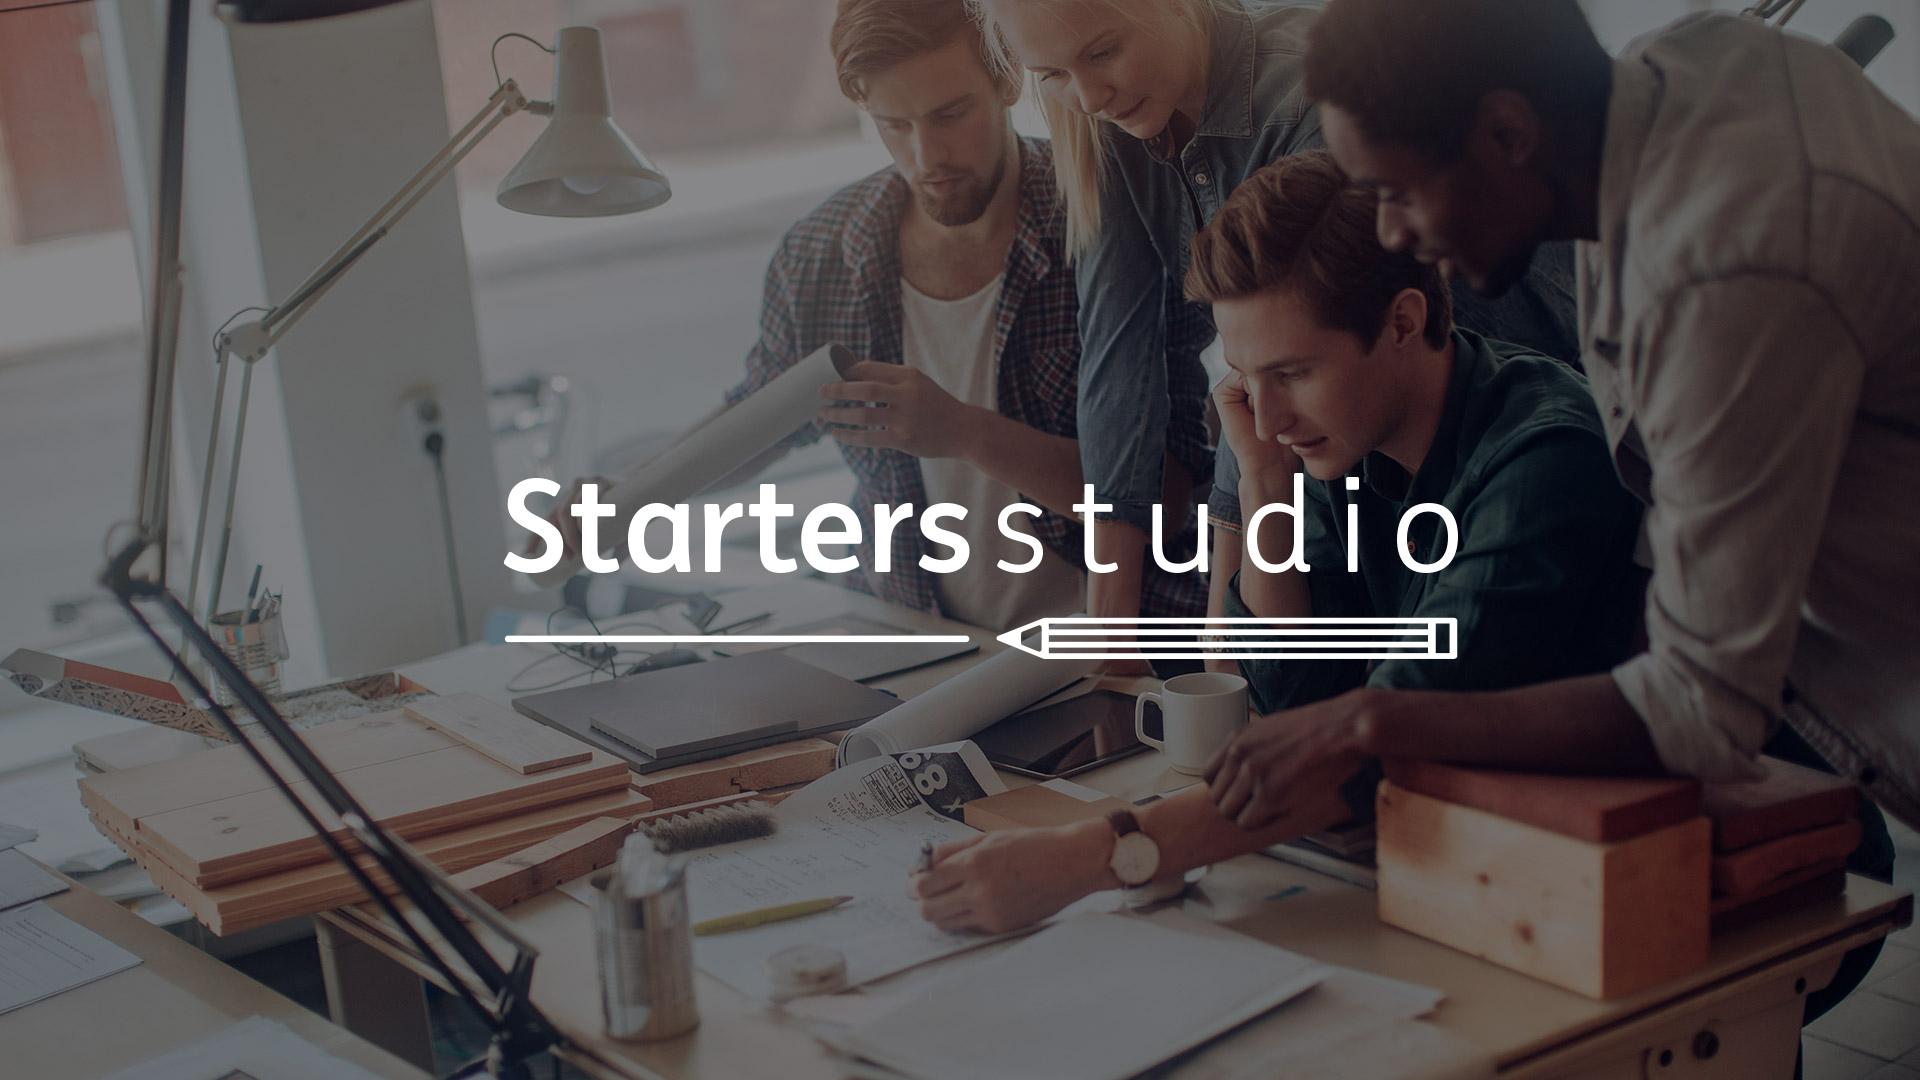 ING-Startersstudio-keyvisual-v1.5-RH